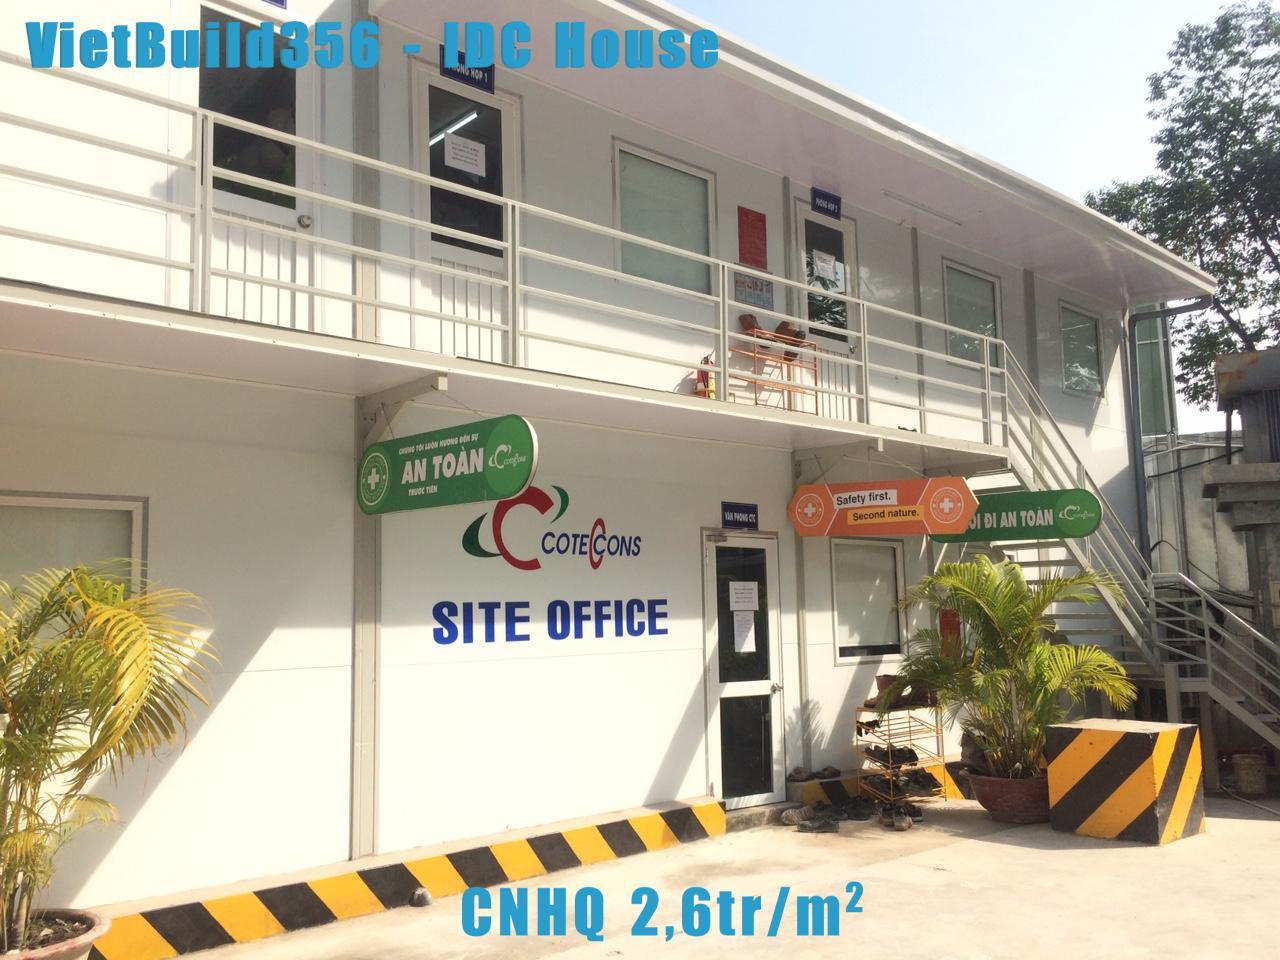 Nhà lắp ghép CNHQ giá 2.6tr/m2